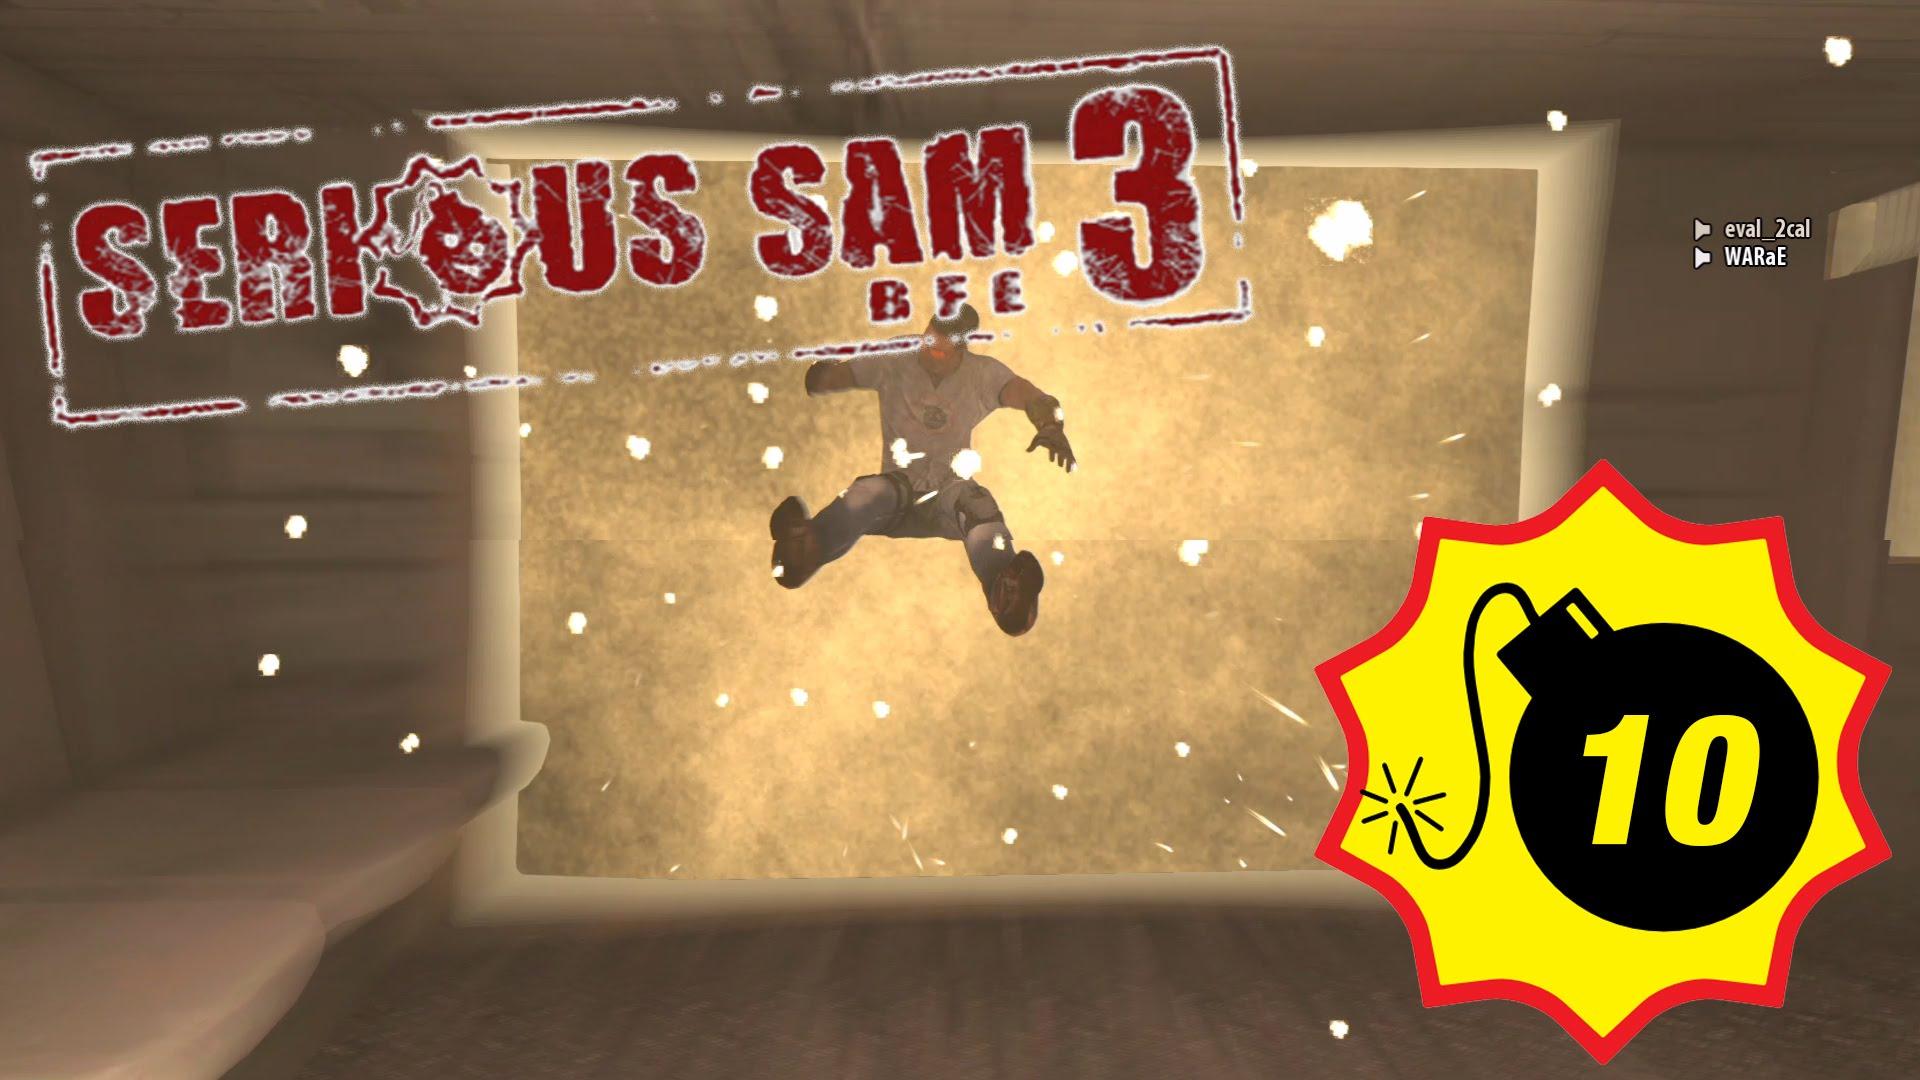 【PC版】Serious Sam 3: BFE #10【週末一気プレイ】